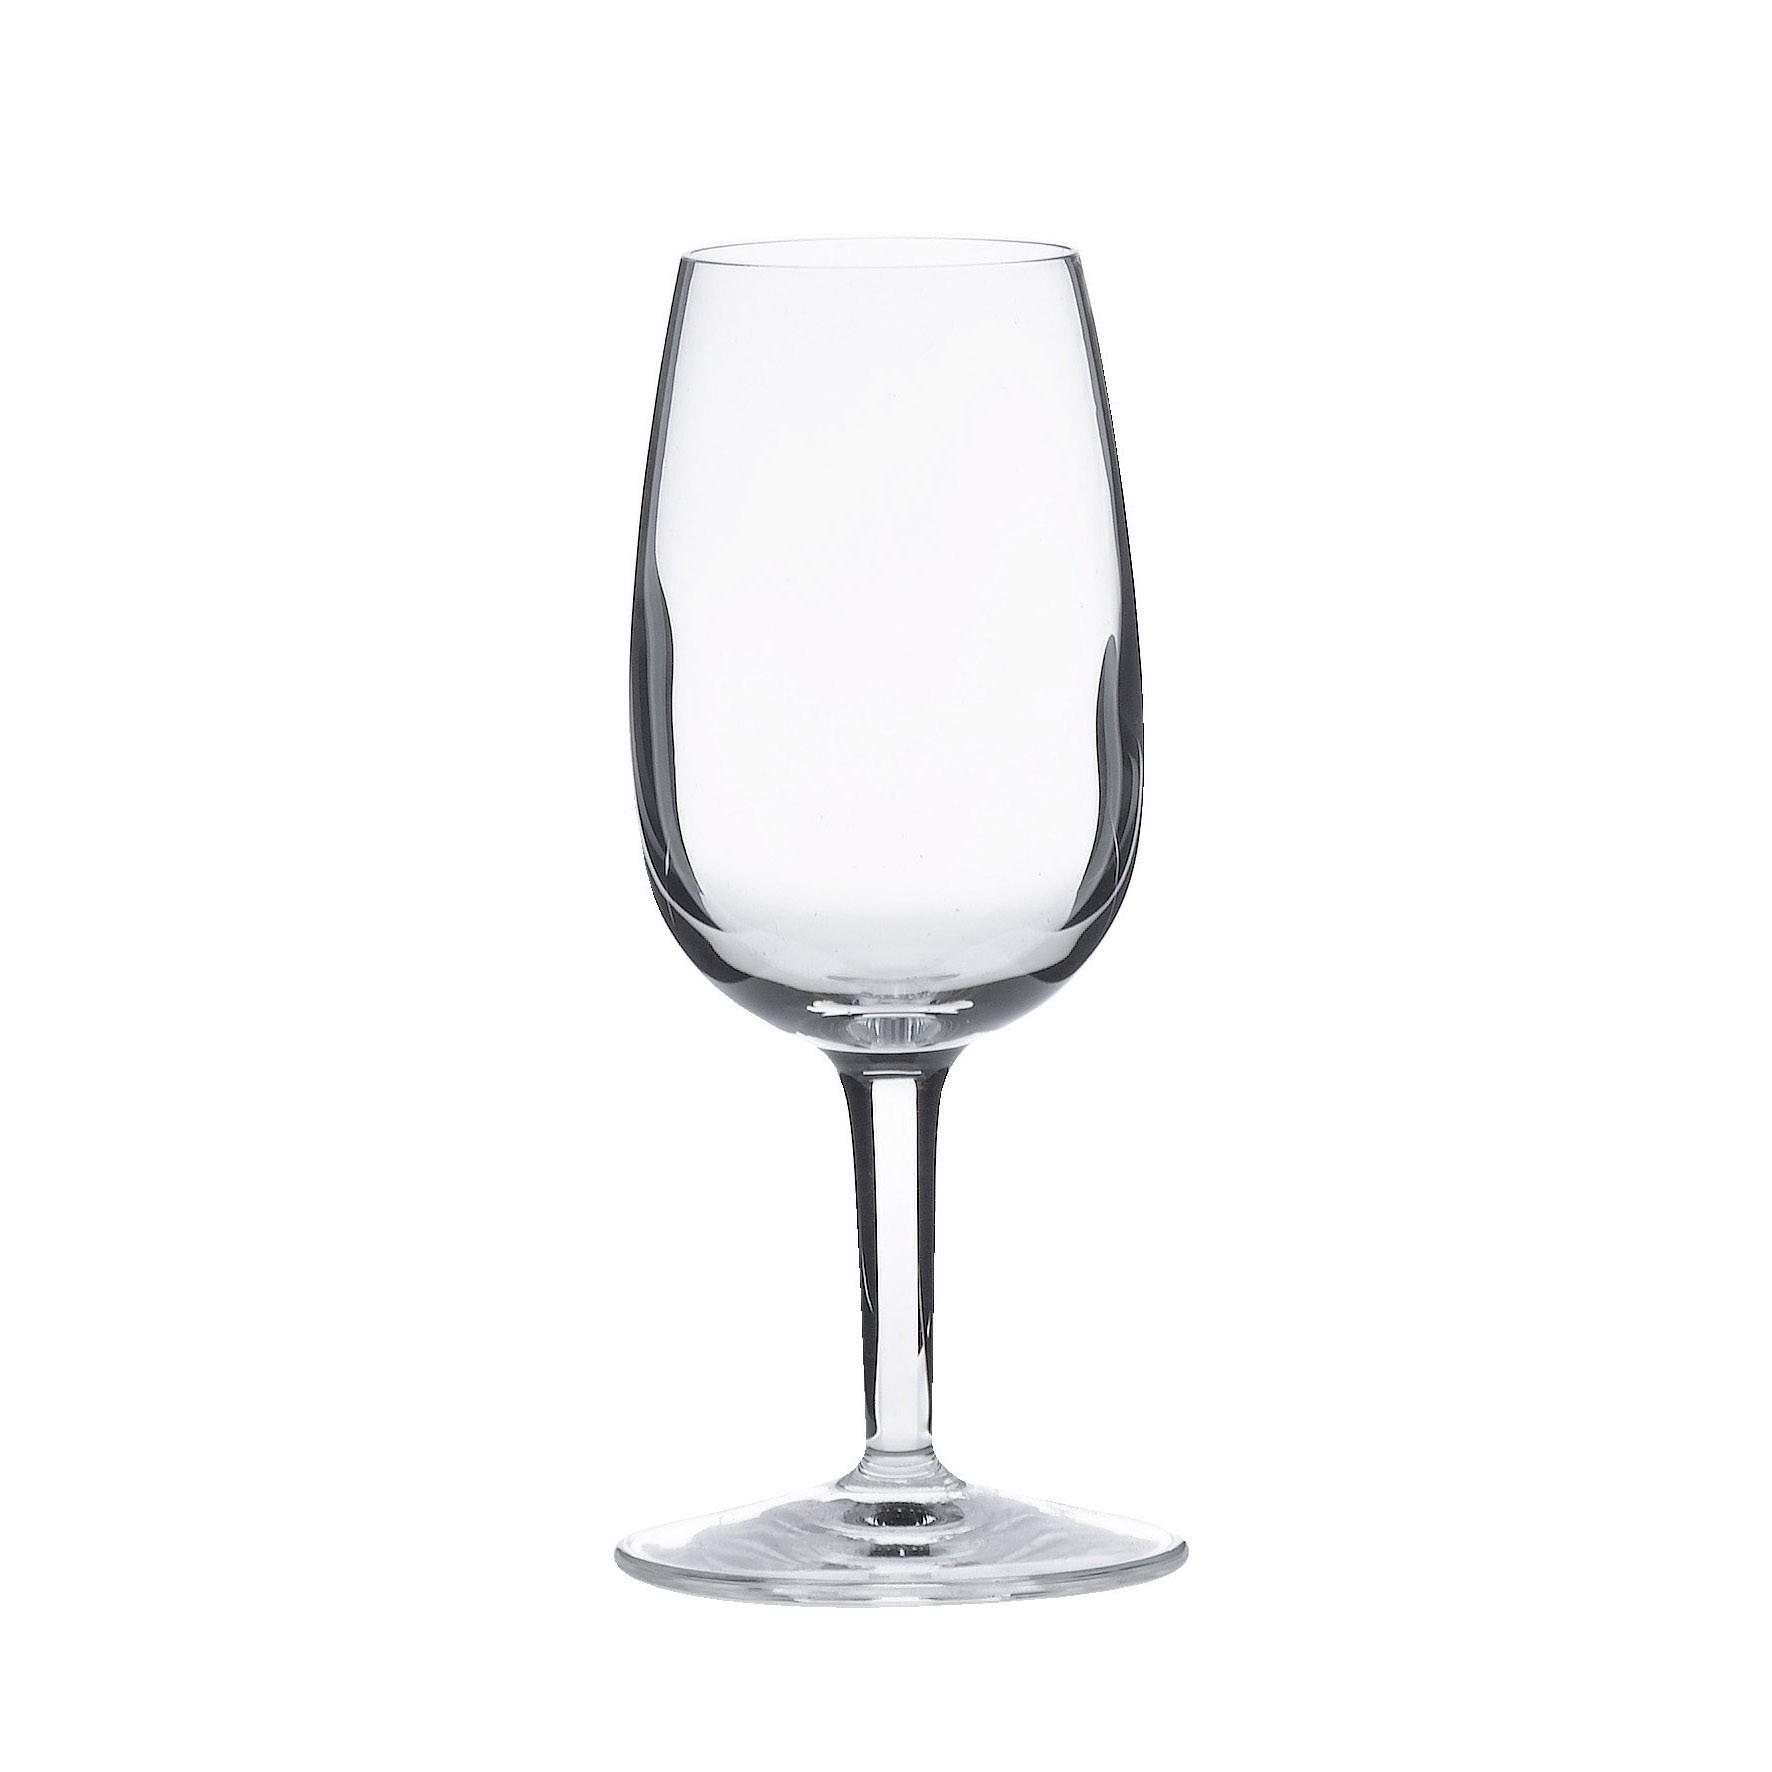 D.O.C. Sherry Glasses 12cl 4.25oz